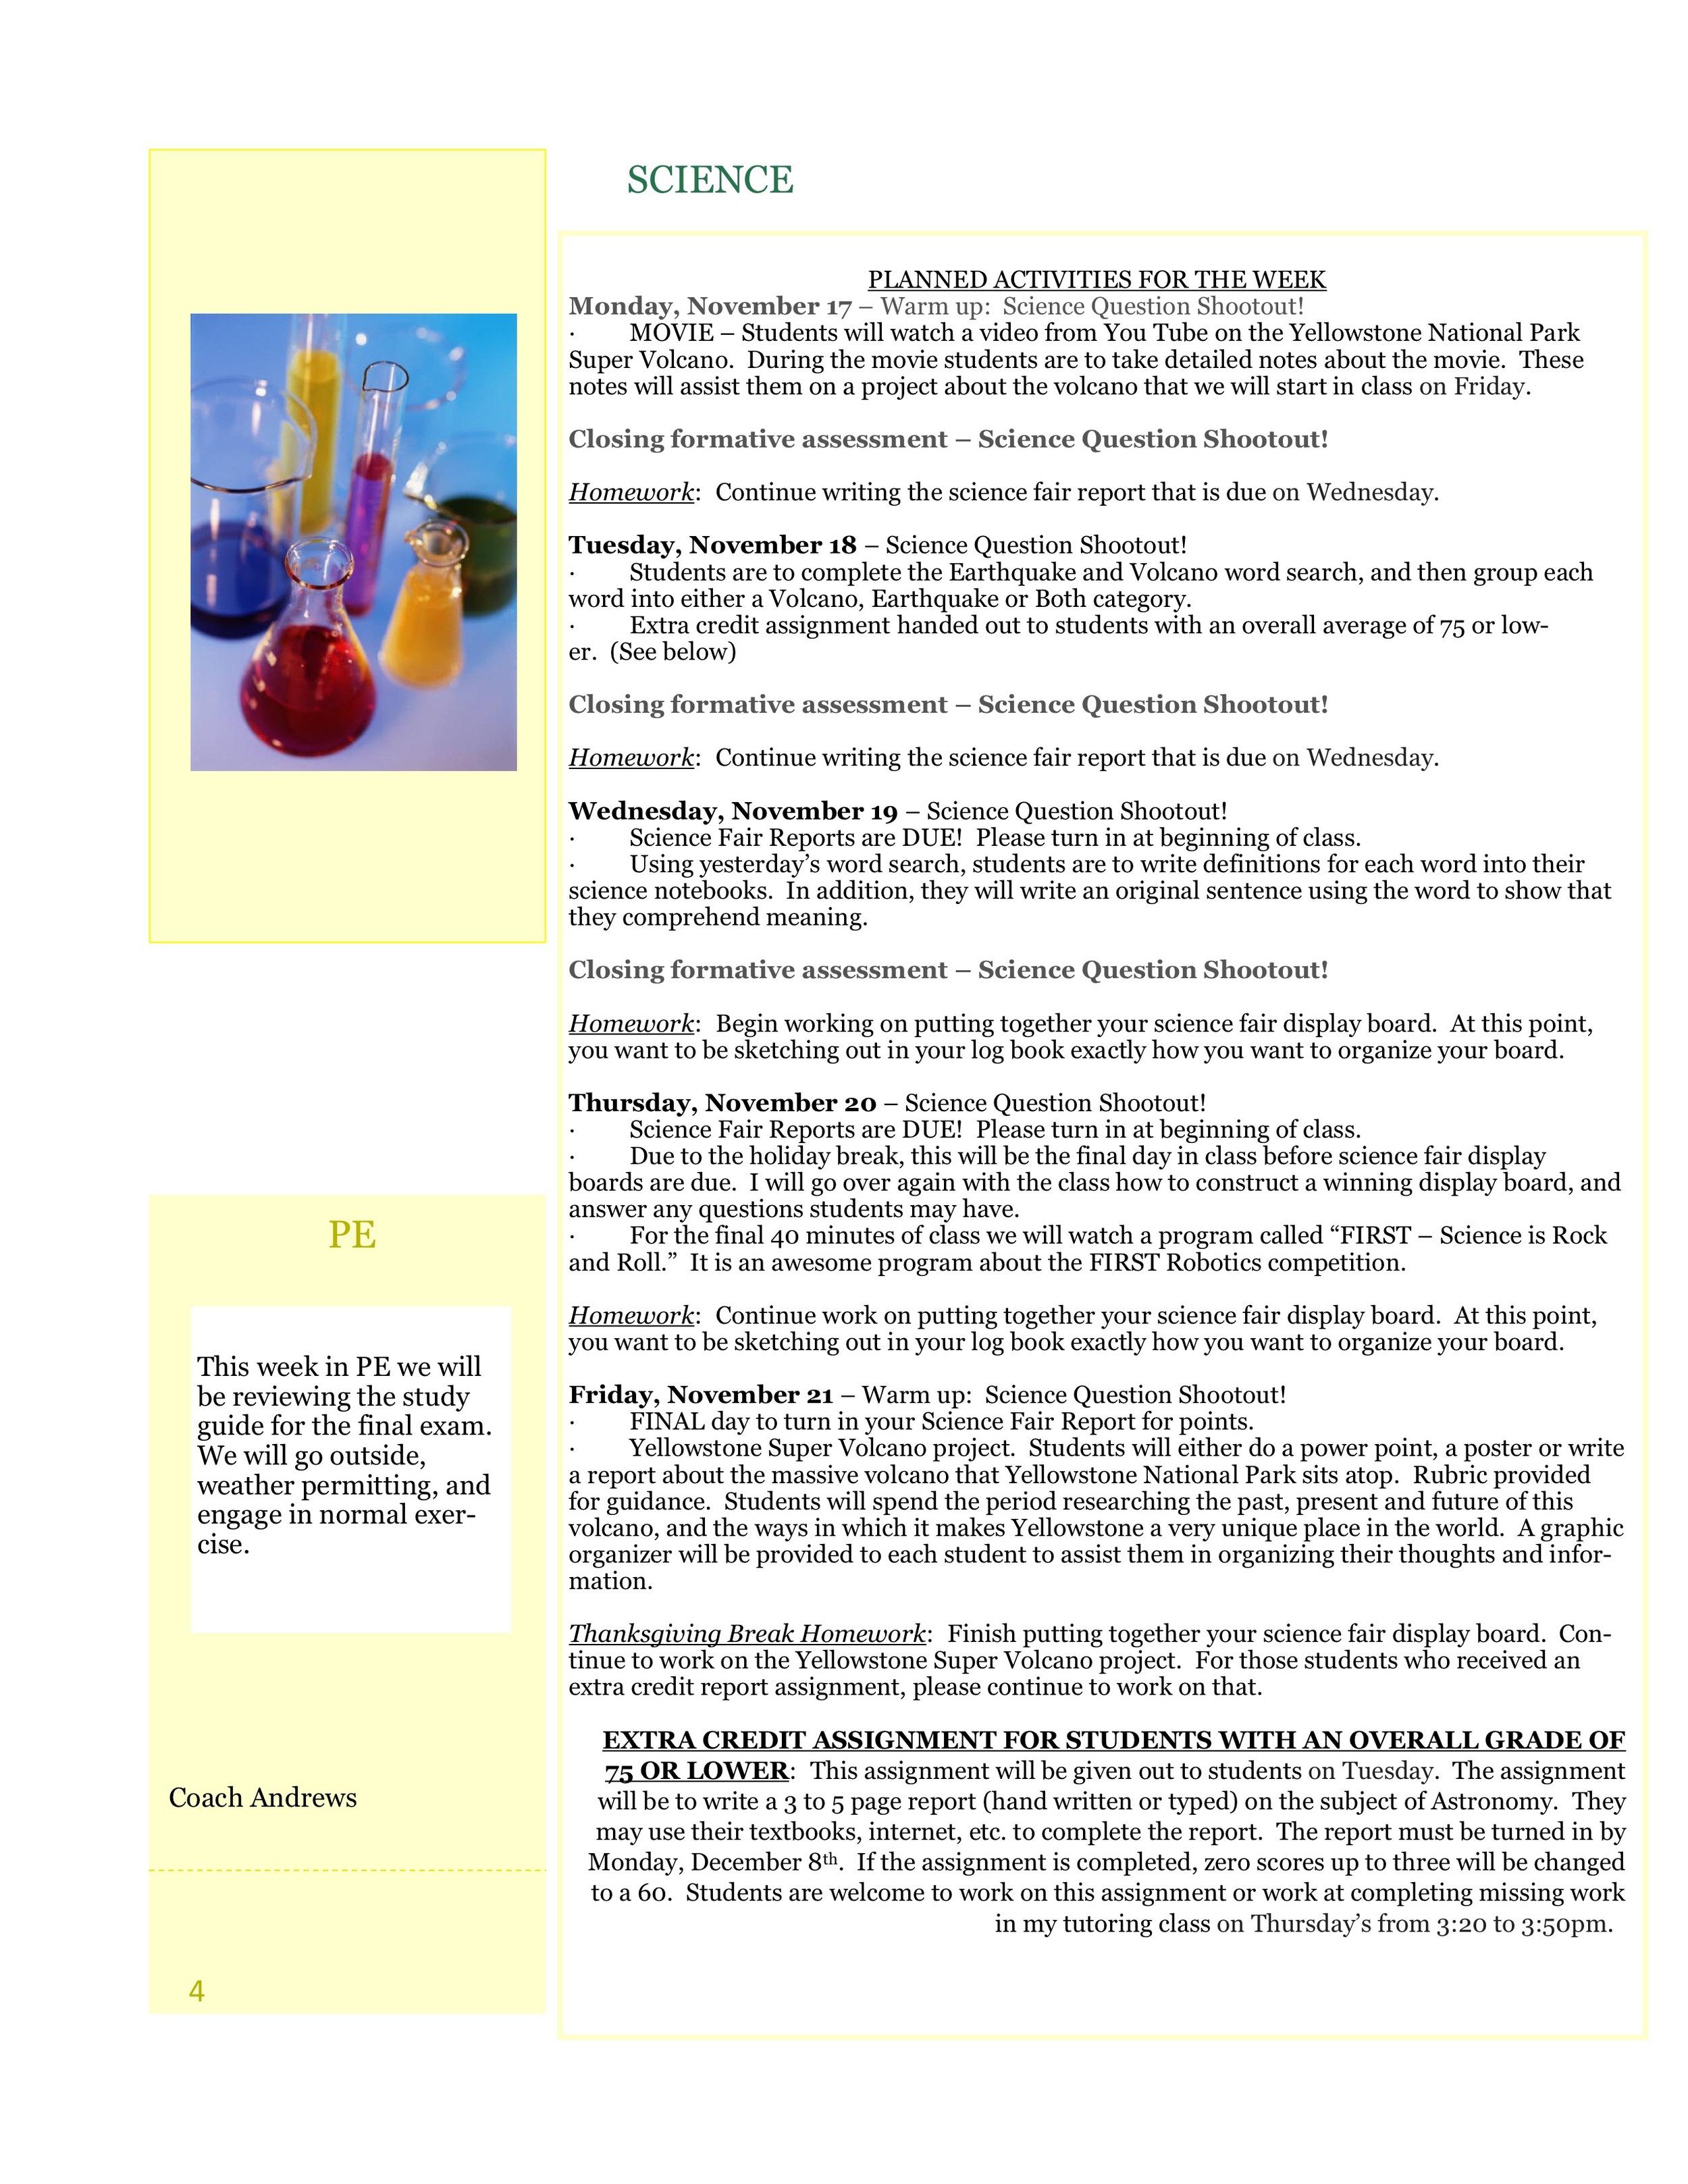 Newsletter ImageNovember 17-22 4.jpeg